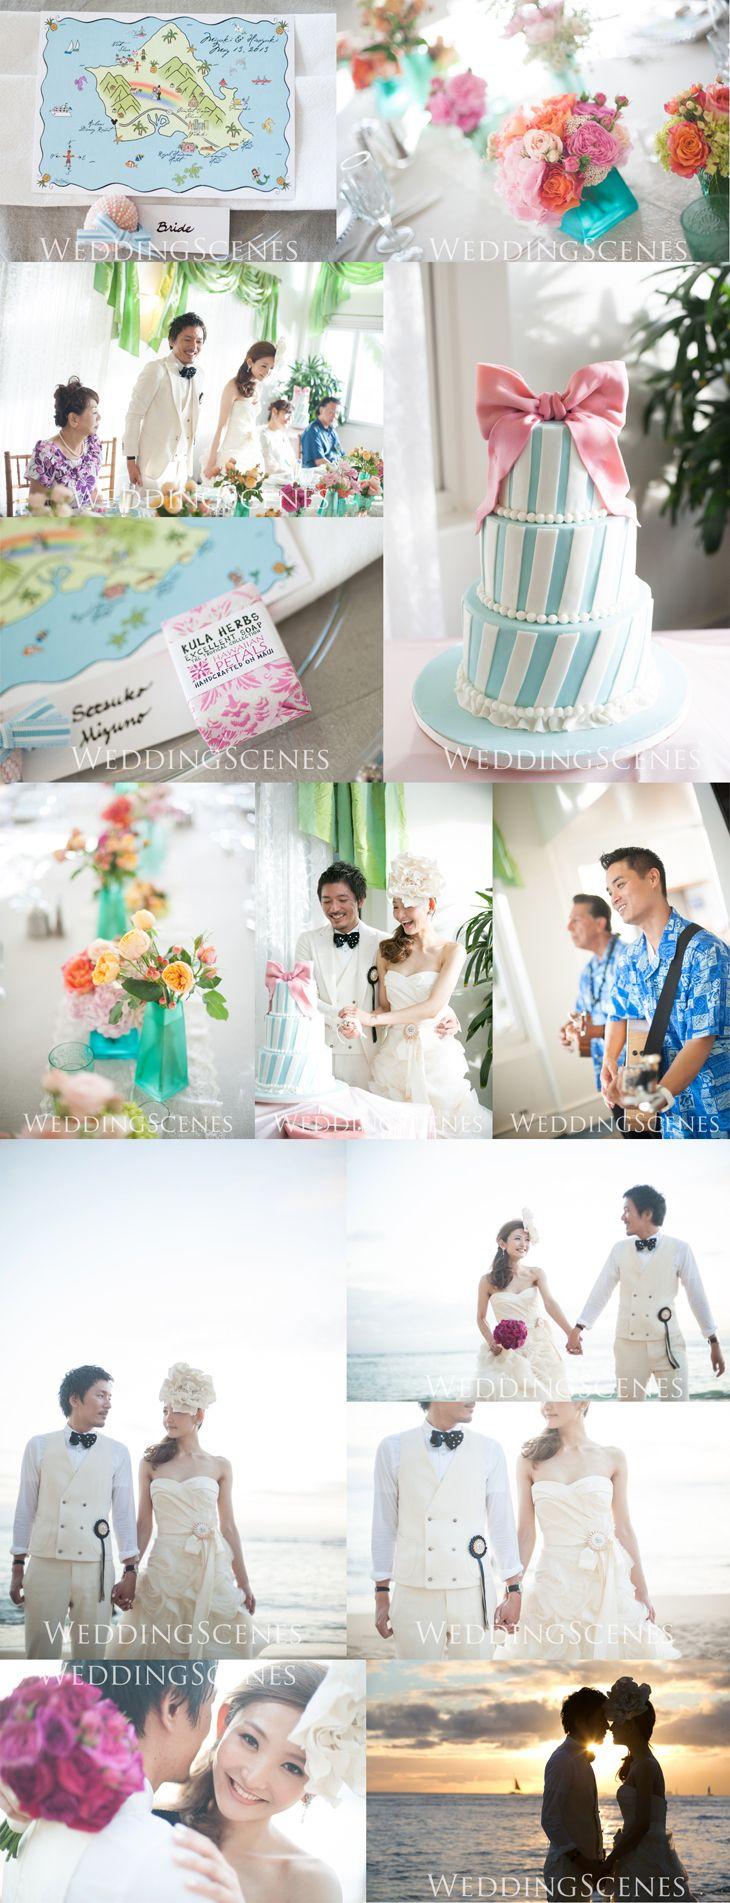 Wedding Cake 〜4月編〜 の画像 ハワイウェディングプランナーNAOKOの欧米スタイル結婚式ブログ